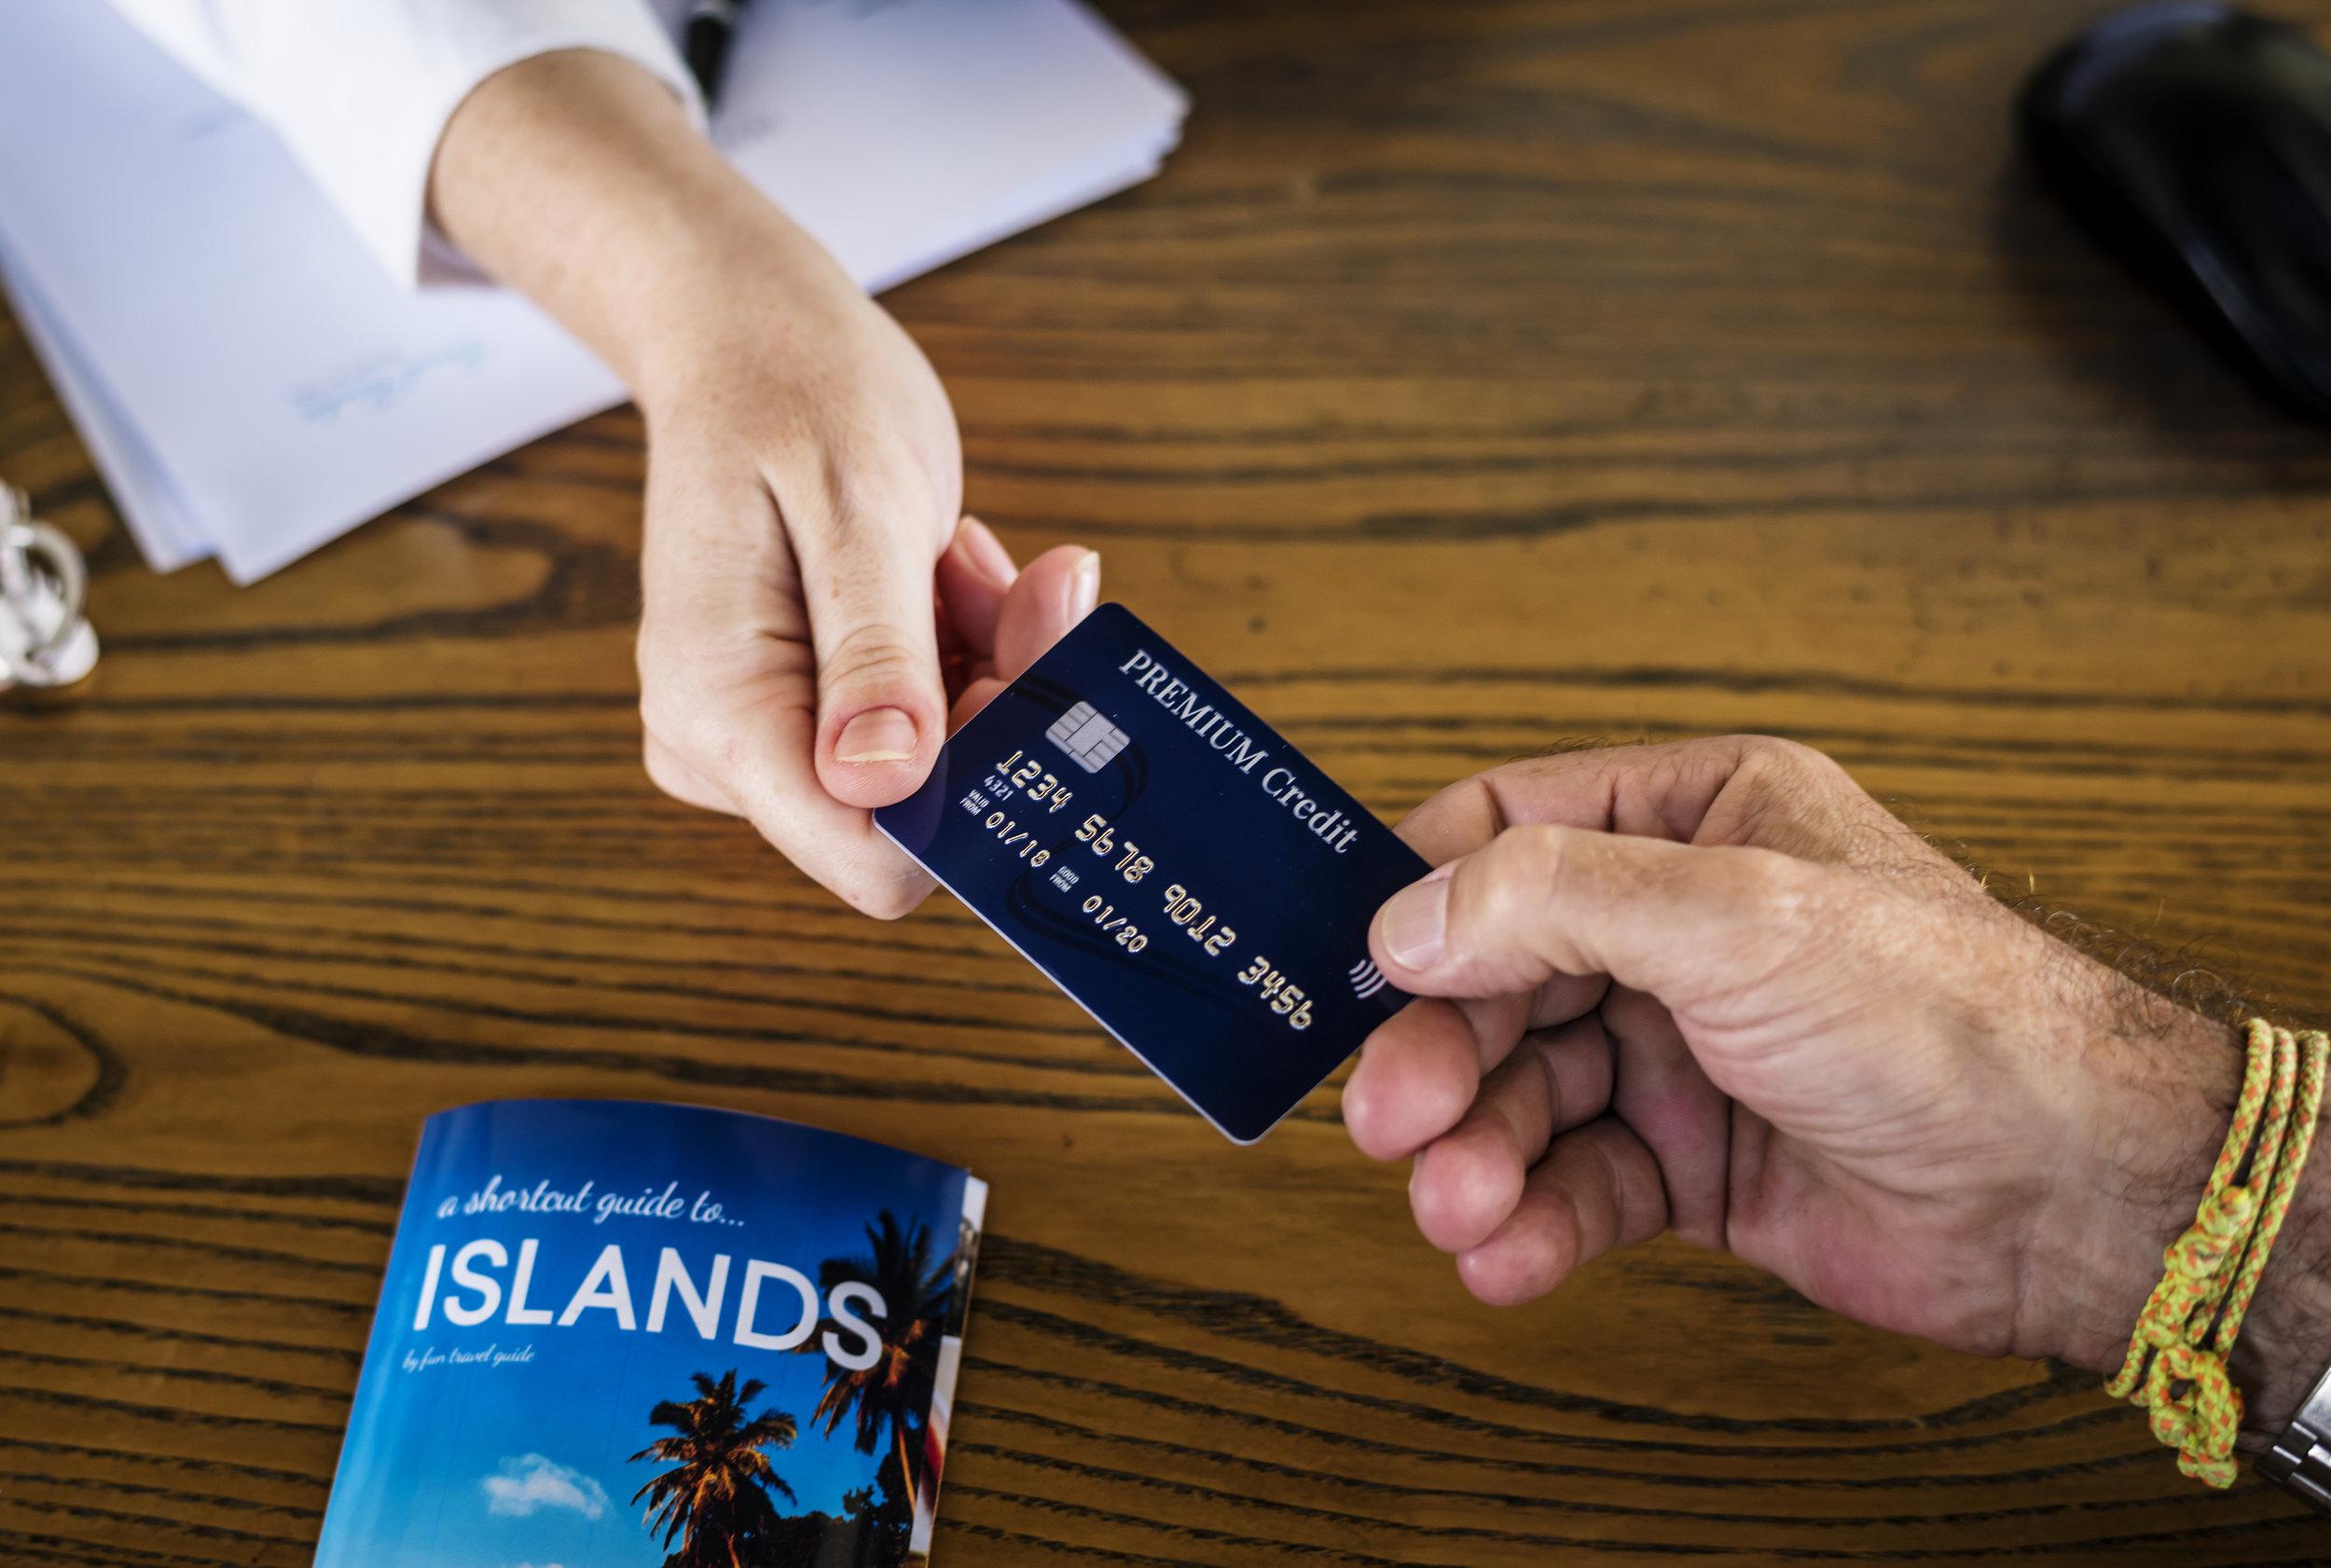 Sichere Zahlung - Als seriöses Reiseunternehmen akzeptieren wir alle gängigen Zahlungsmethoden wie Banküberweisung, Paypal und Zahlung per Krediitkarte. Ihr habt zu jeder Zeit die Transparenz, euren Zahlungsverkehr einzusehen. Zudem werdet ihr über jeden Zahlungslauf und Eingang von uns informiert.